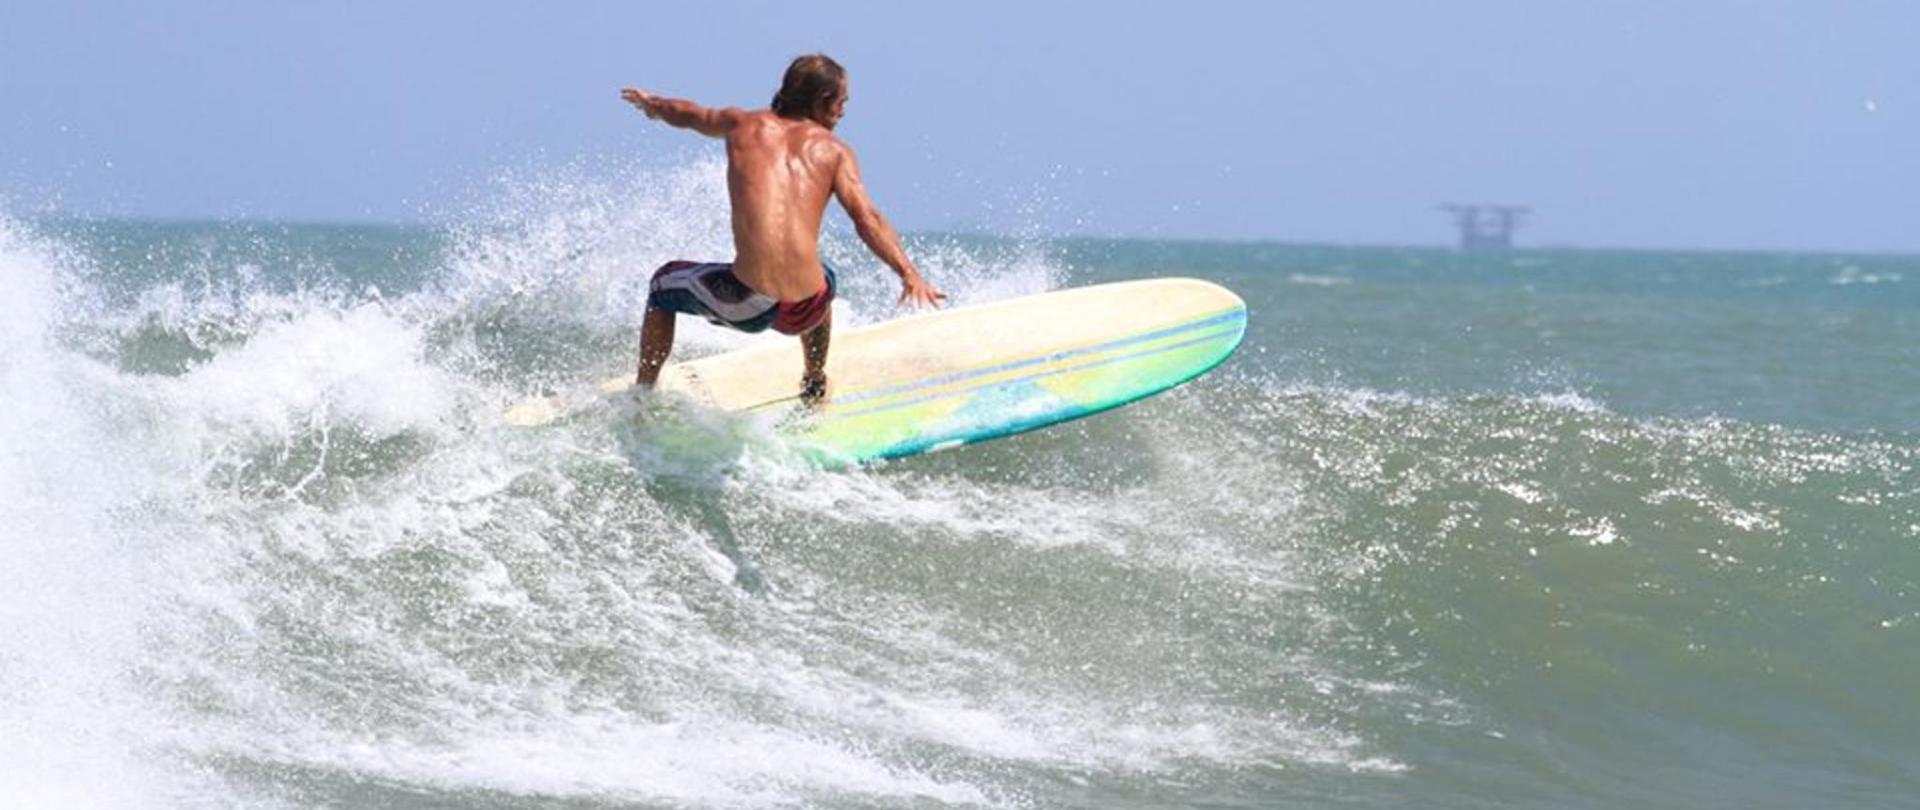 Hotel el mirador, Hotel el Mirador Pacasmayo, Hostal el Mirador, Hospedaje el Mirador, Hostales en Pacasmayo, Hostal en Pacasmayo, Hospedaje en Pacasmayo, surf, kitesurf, windsurf, Masajes Hotel el Mirador, Masaje en Pacasmayo15.jpg